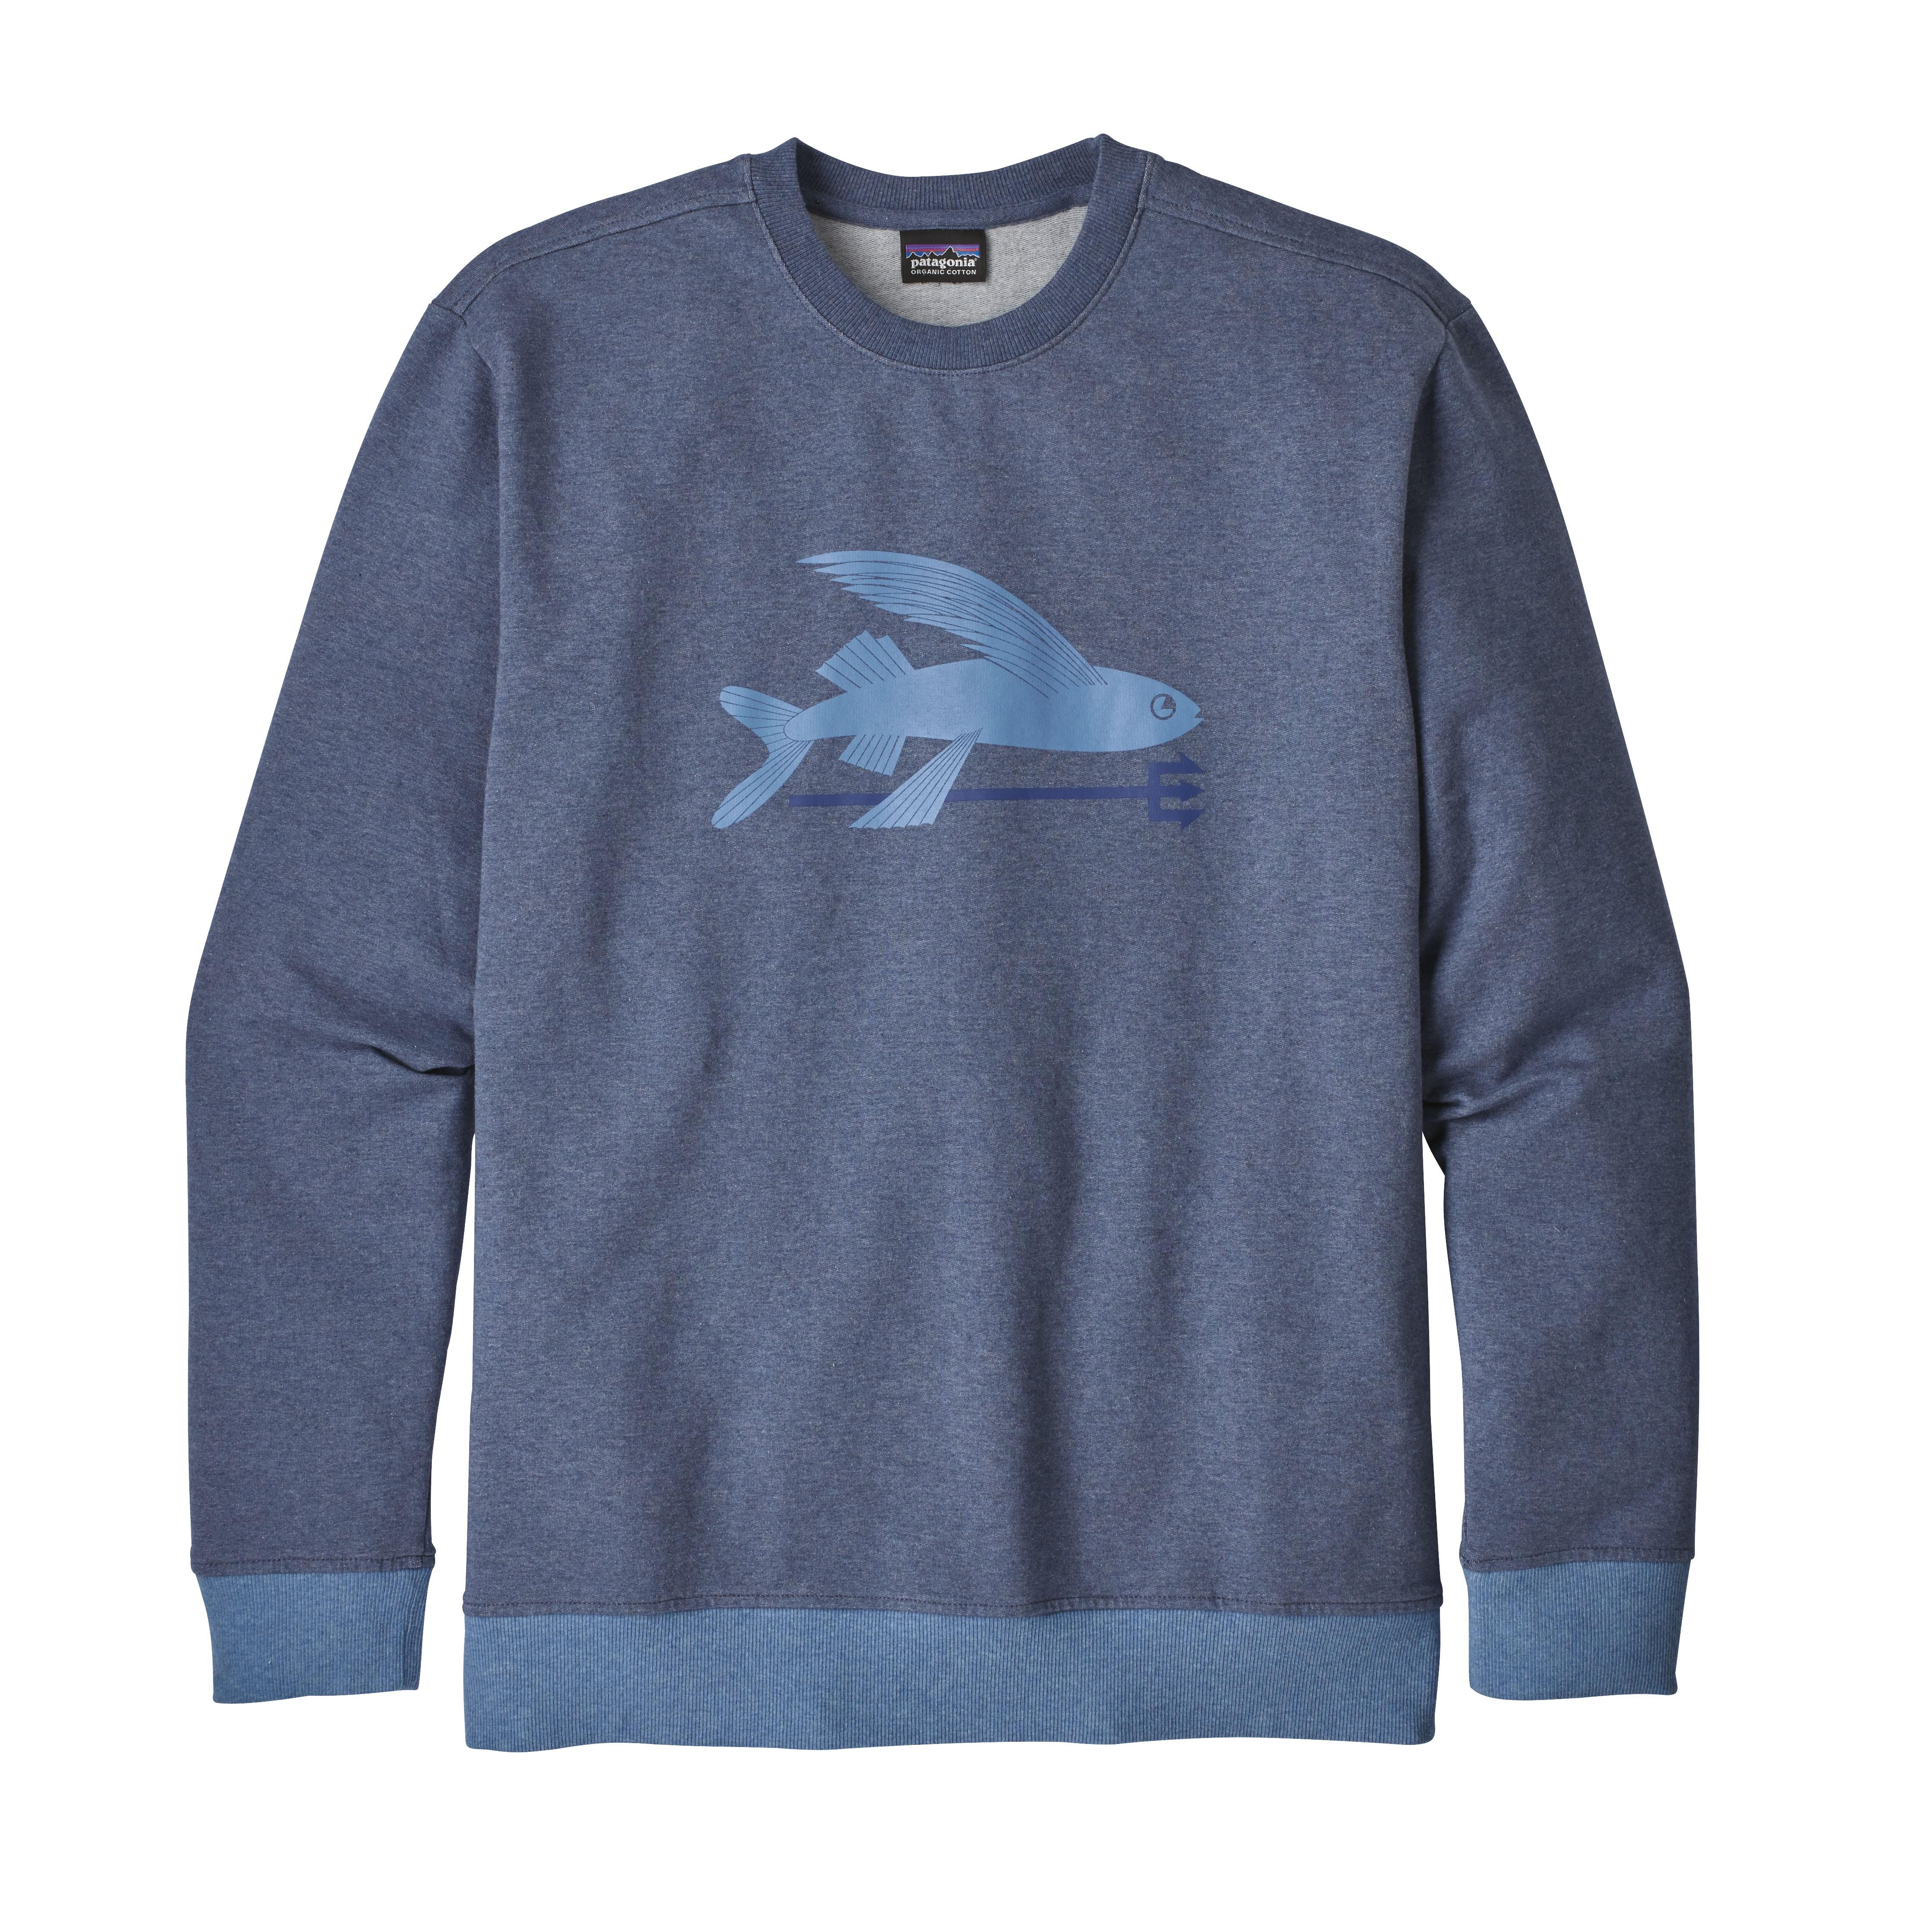 Patagonia Dolomite Blue Flying Fish Midweight Crew Sweatshirt